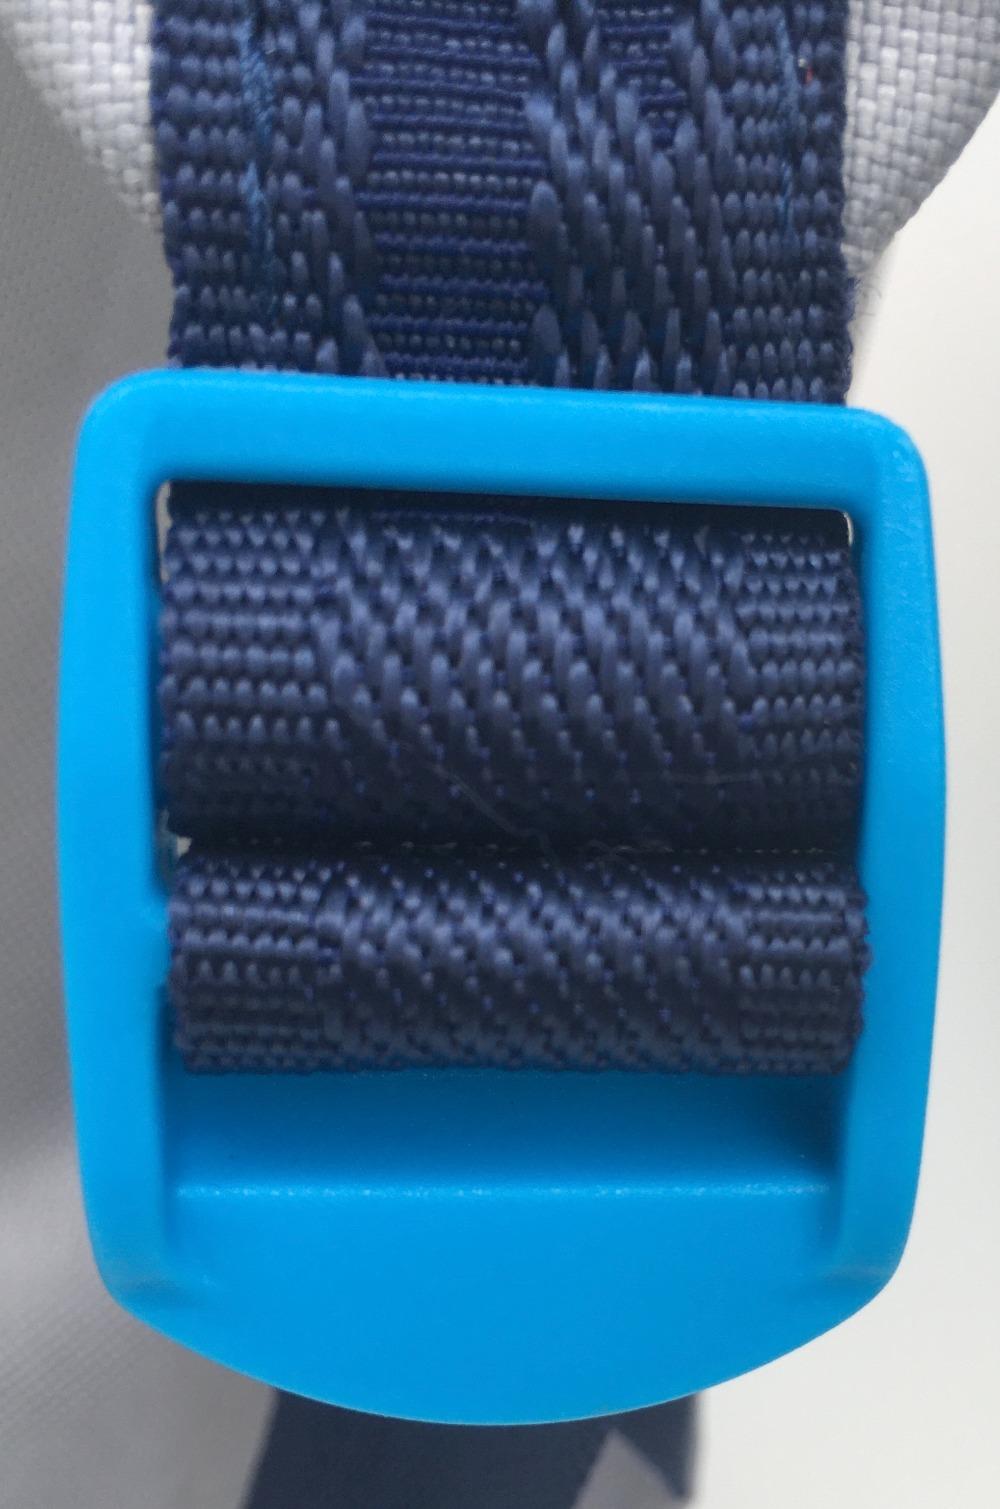 Mochila Risca 9061 - Preto/Azul Jeans